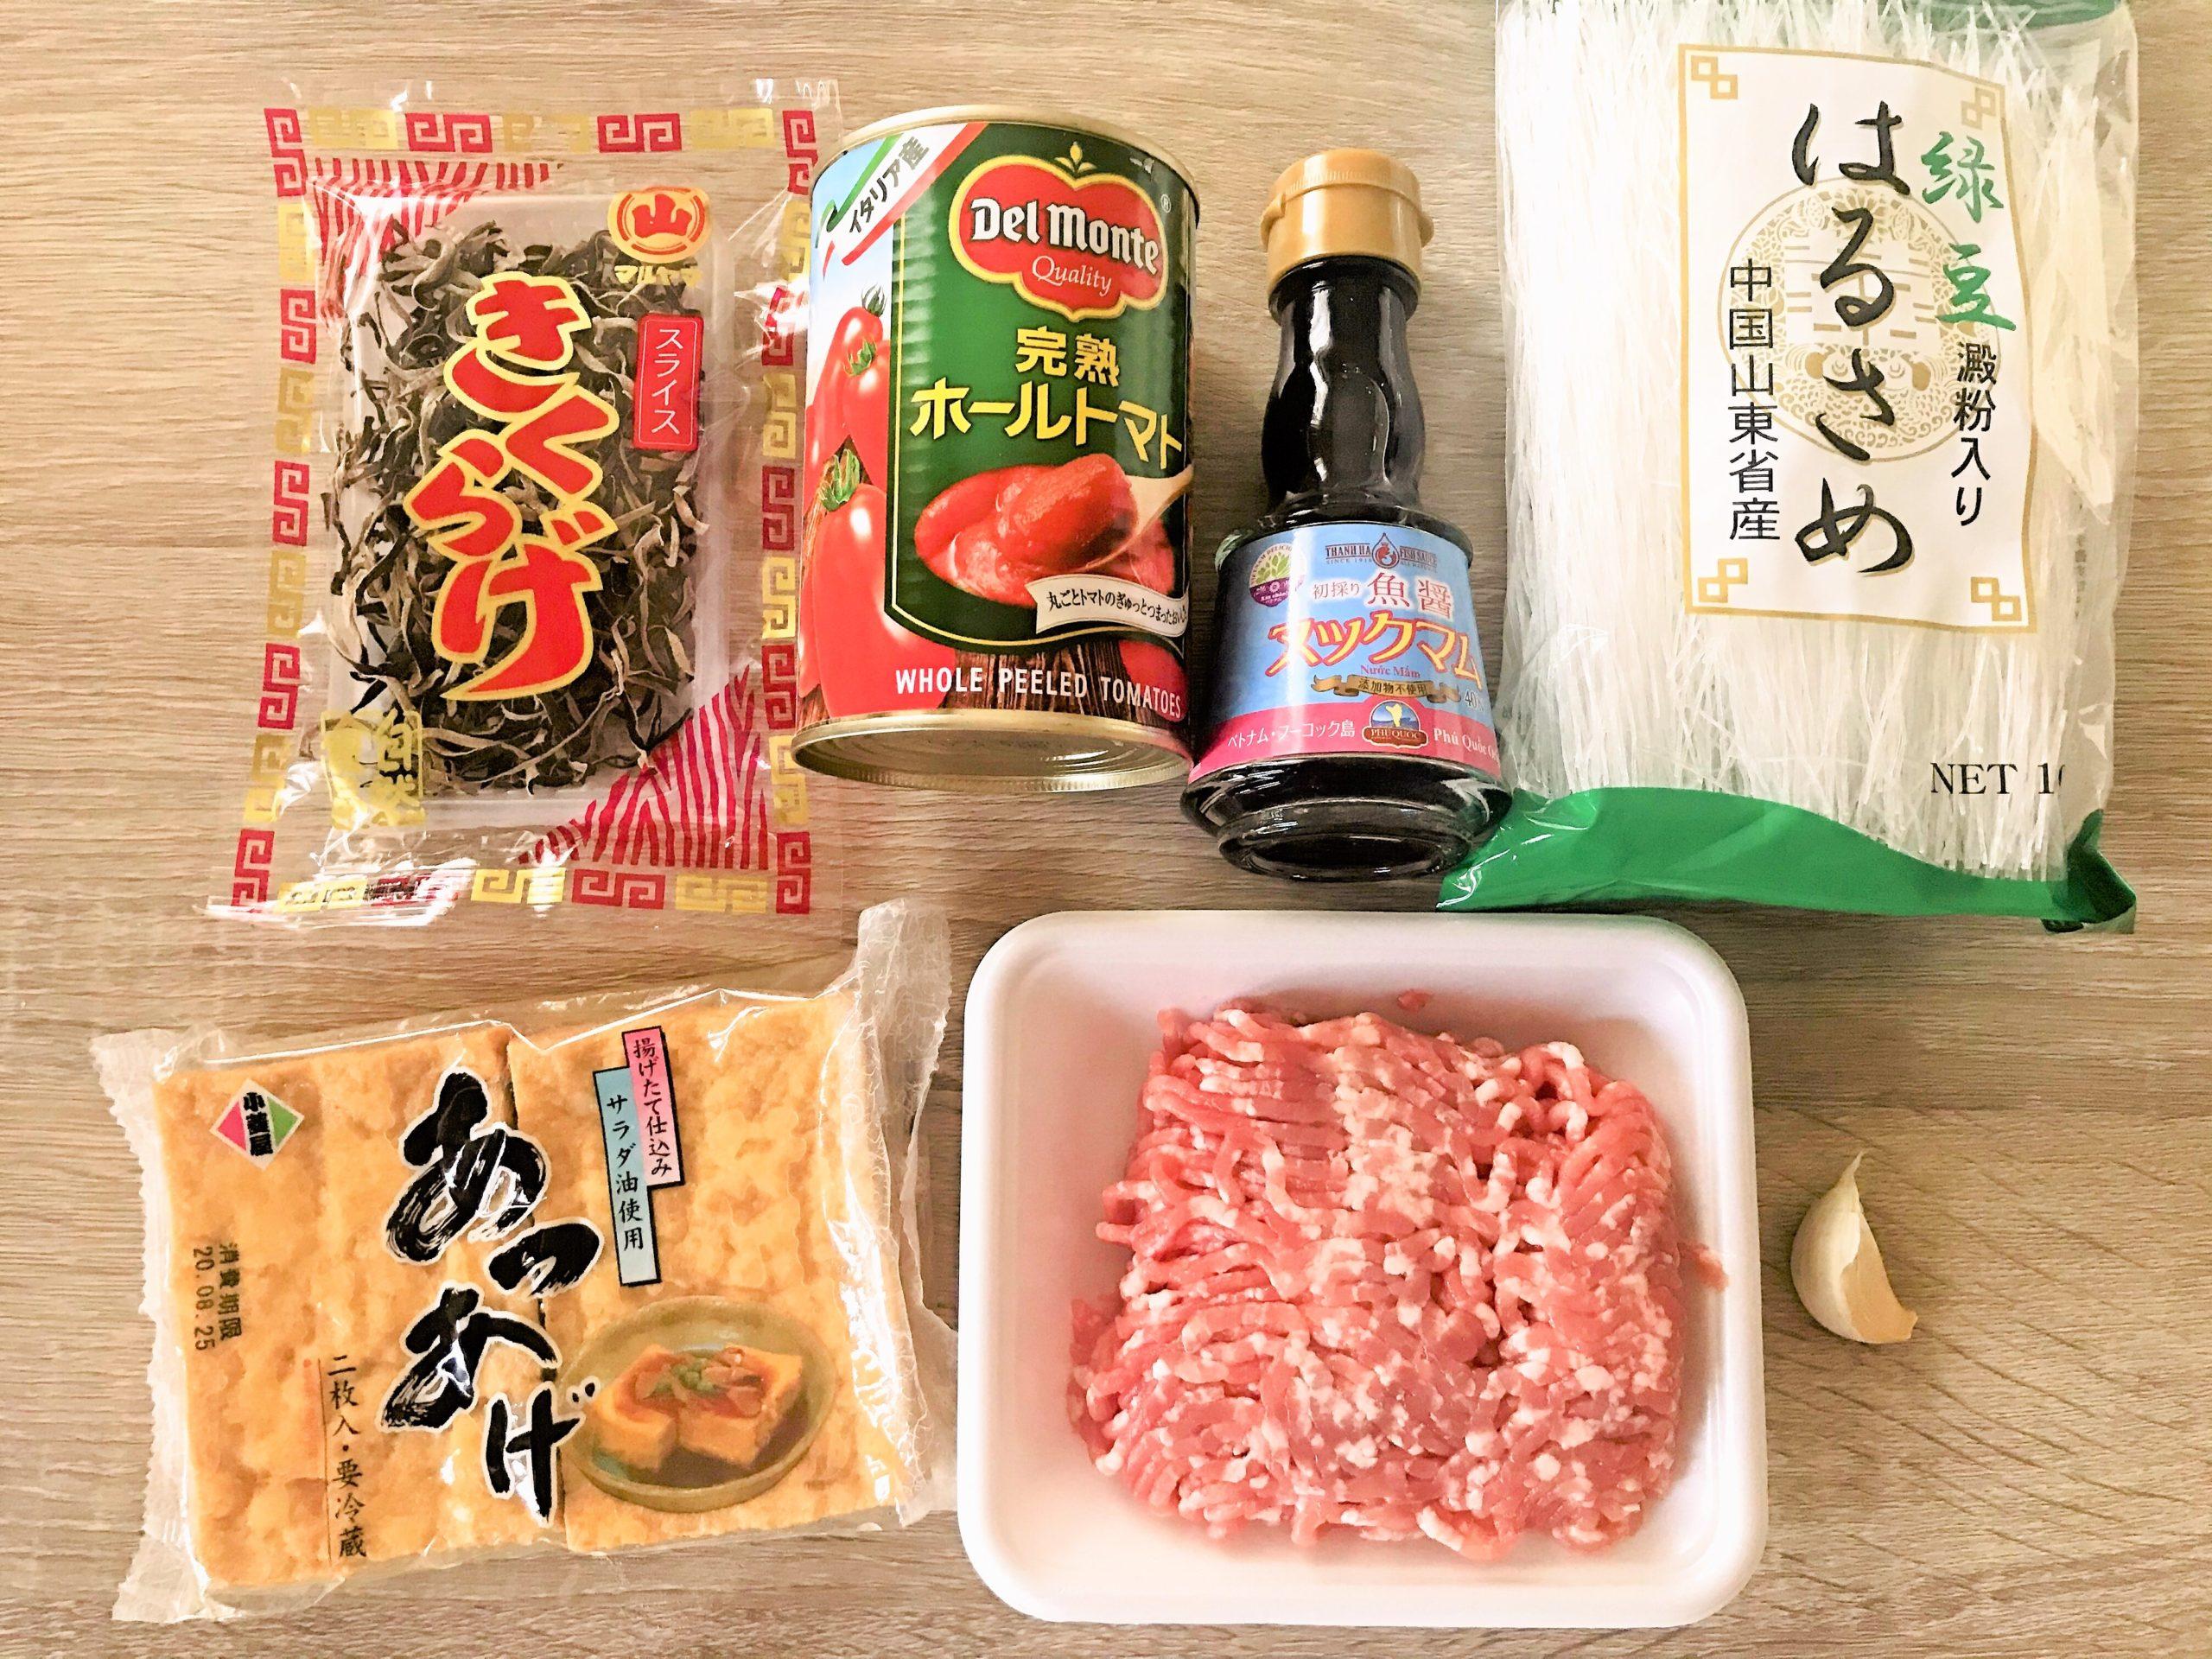 【レシピ付】厚揚げの肉詰めトマトソース煮を作ろう♪